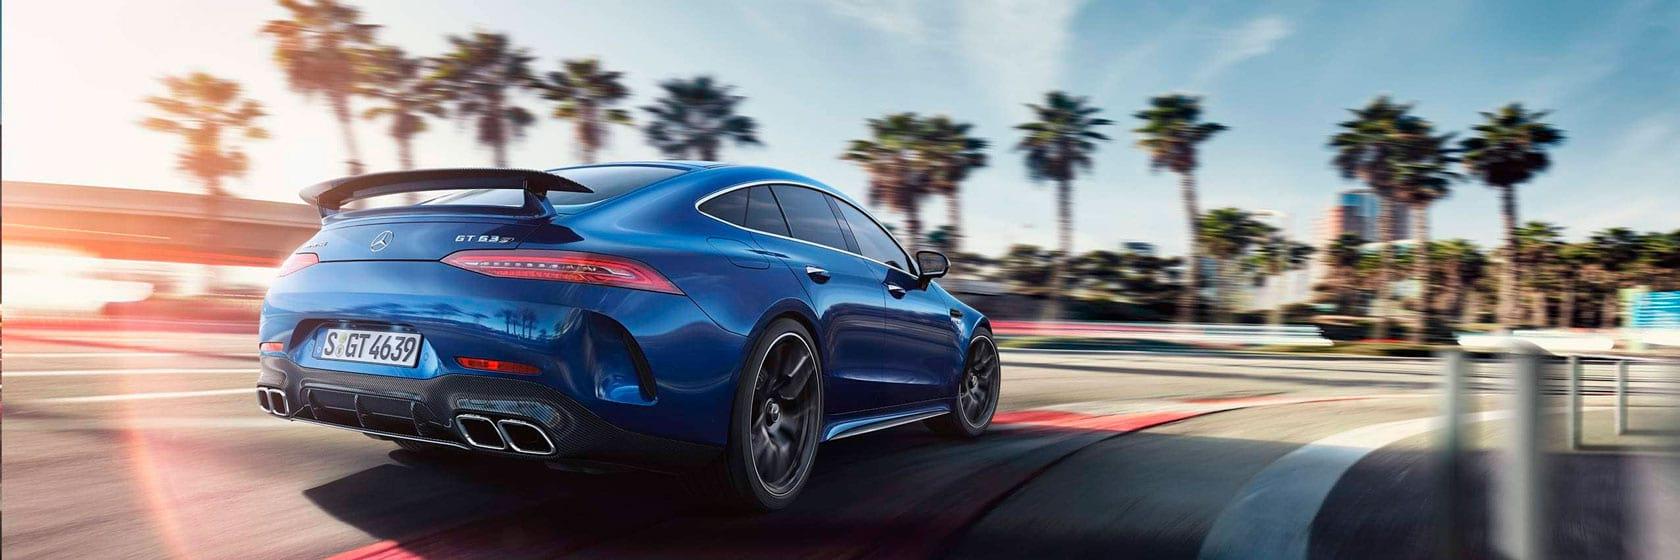 Технологии Mercedes-AMG GT 4-door Coupe